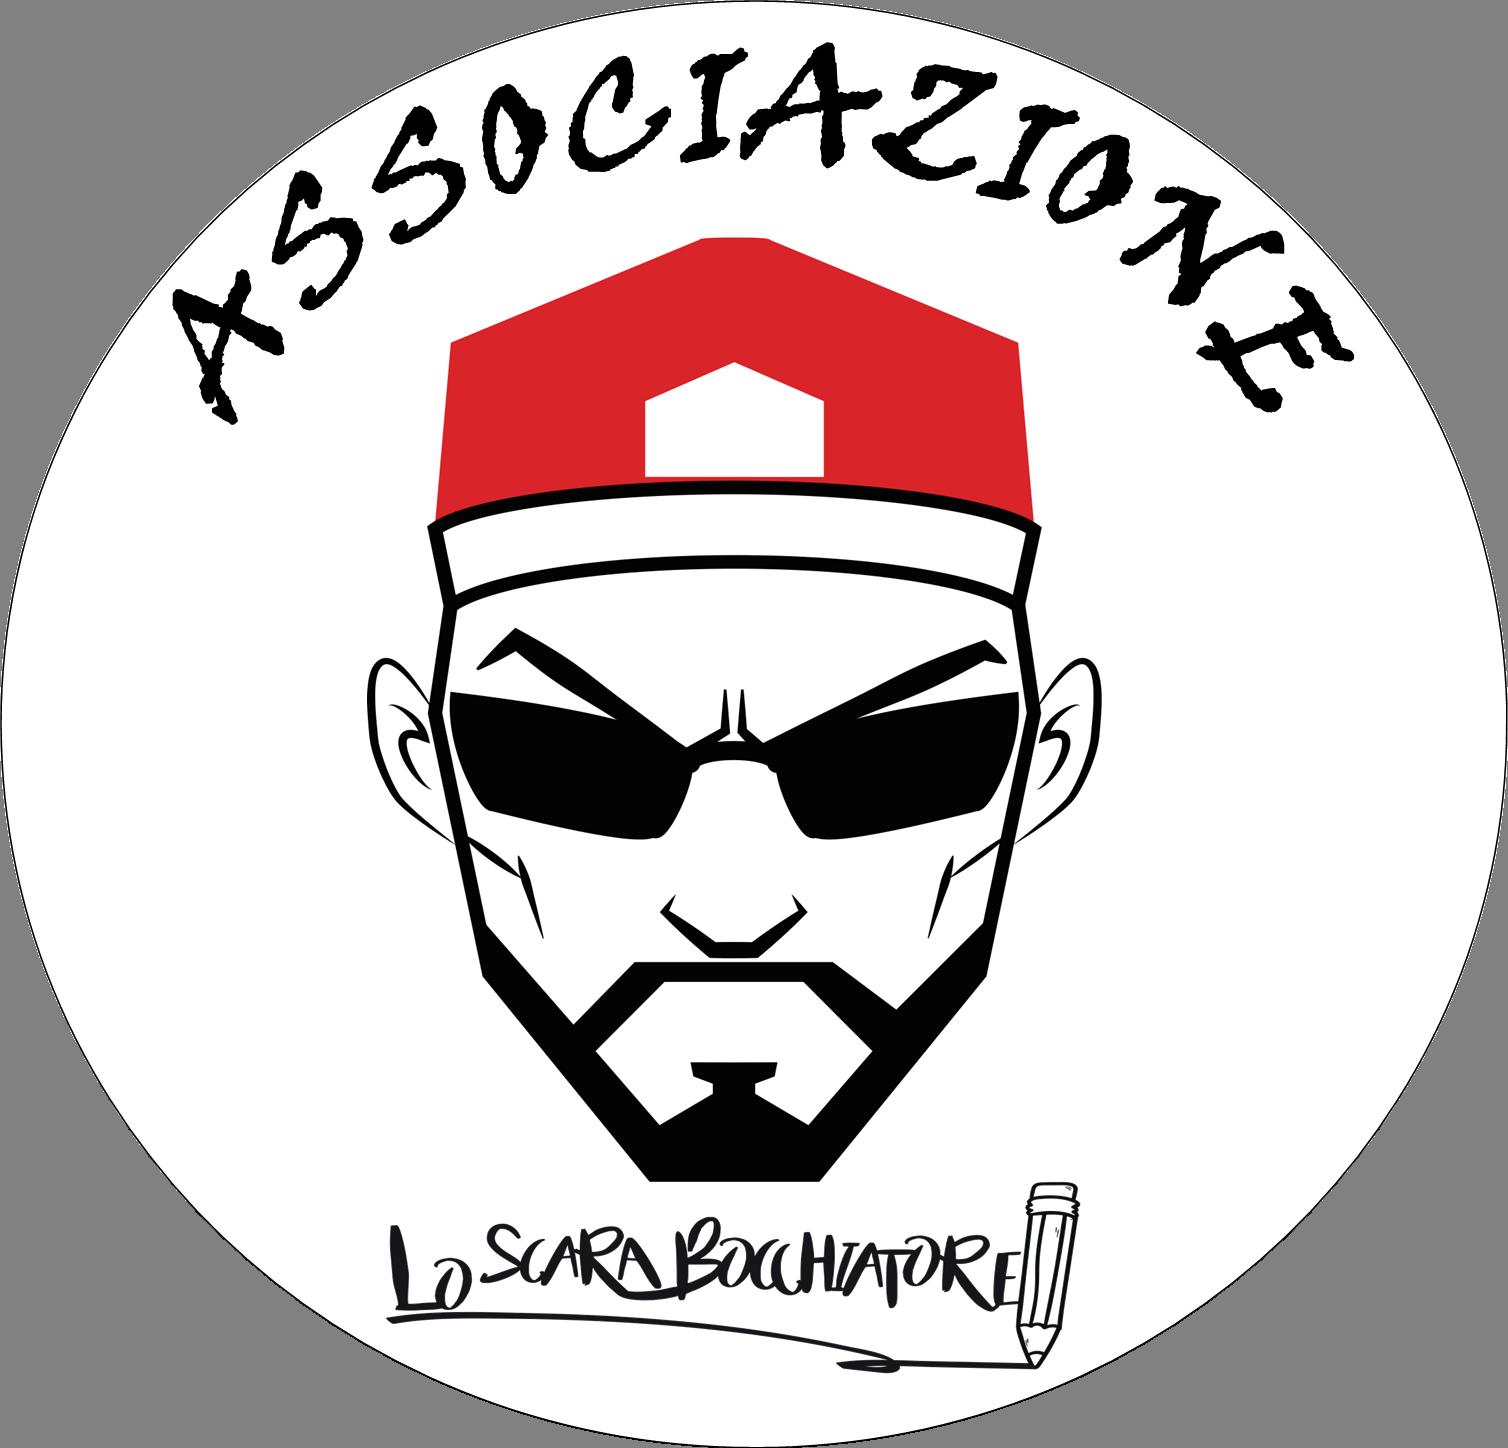 Associazione Lo Scarabocchiatore